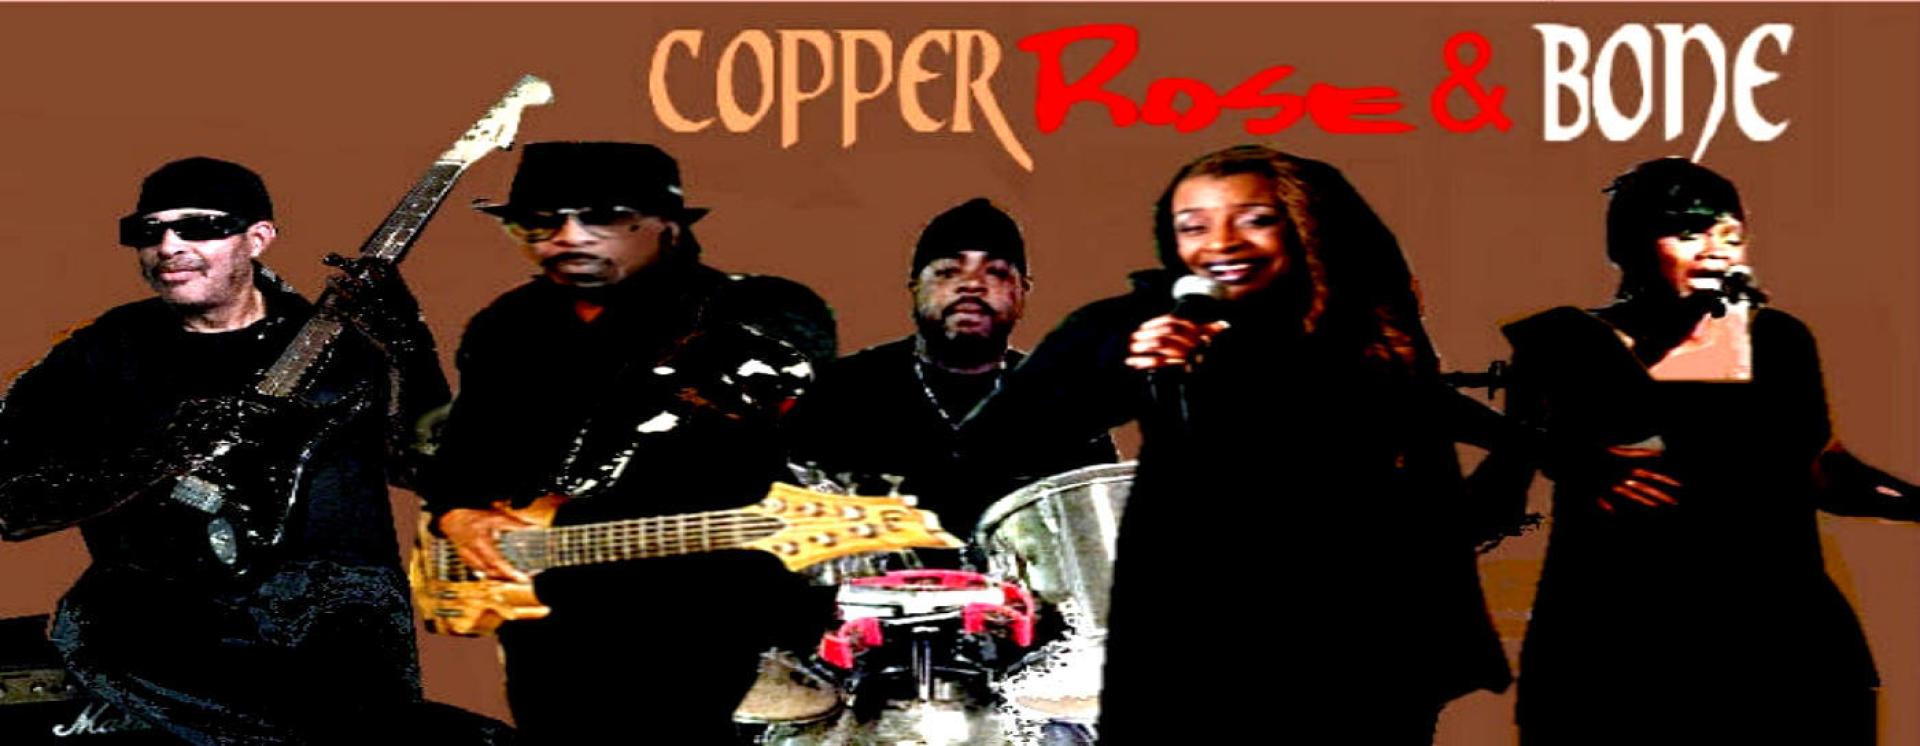 Copper rose bone band 2018 copy